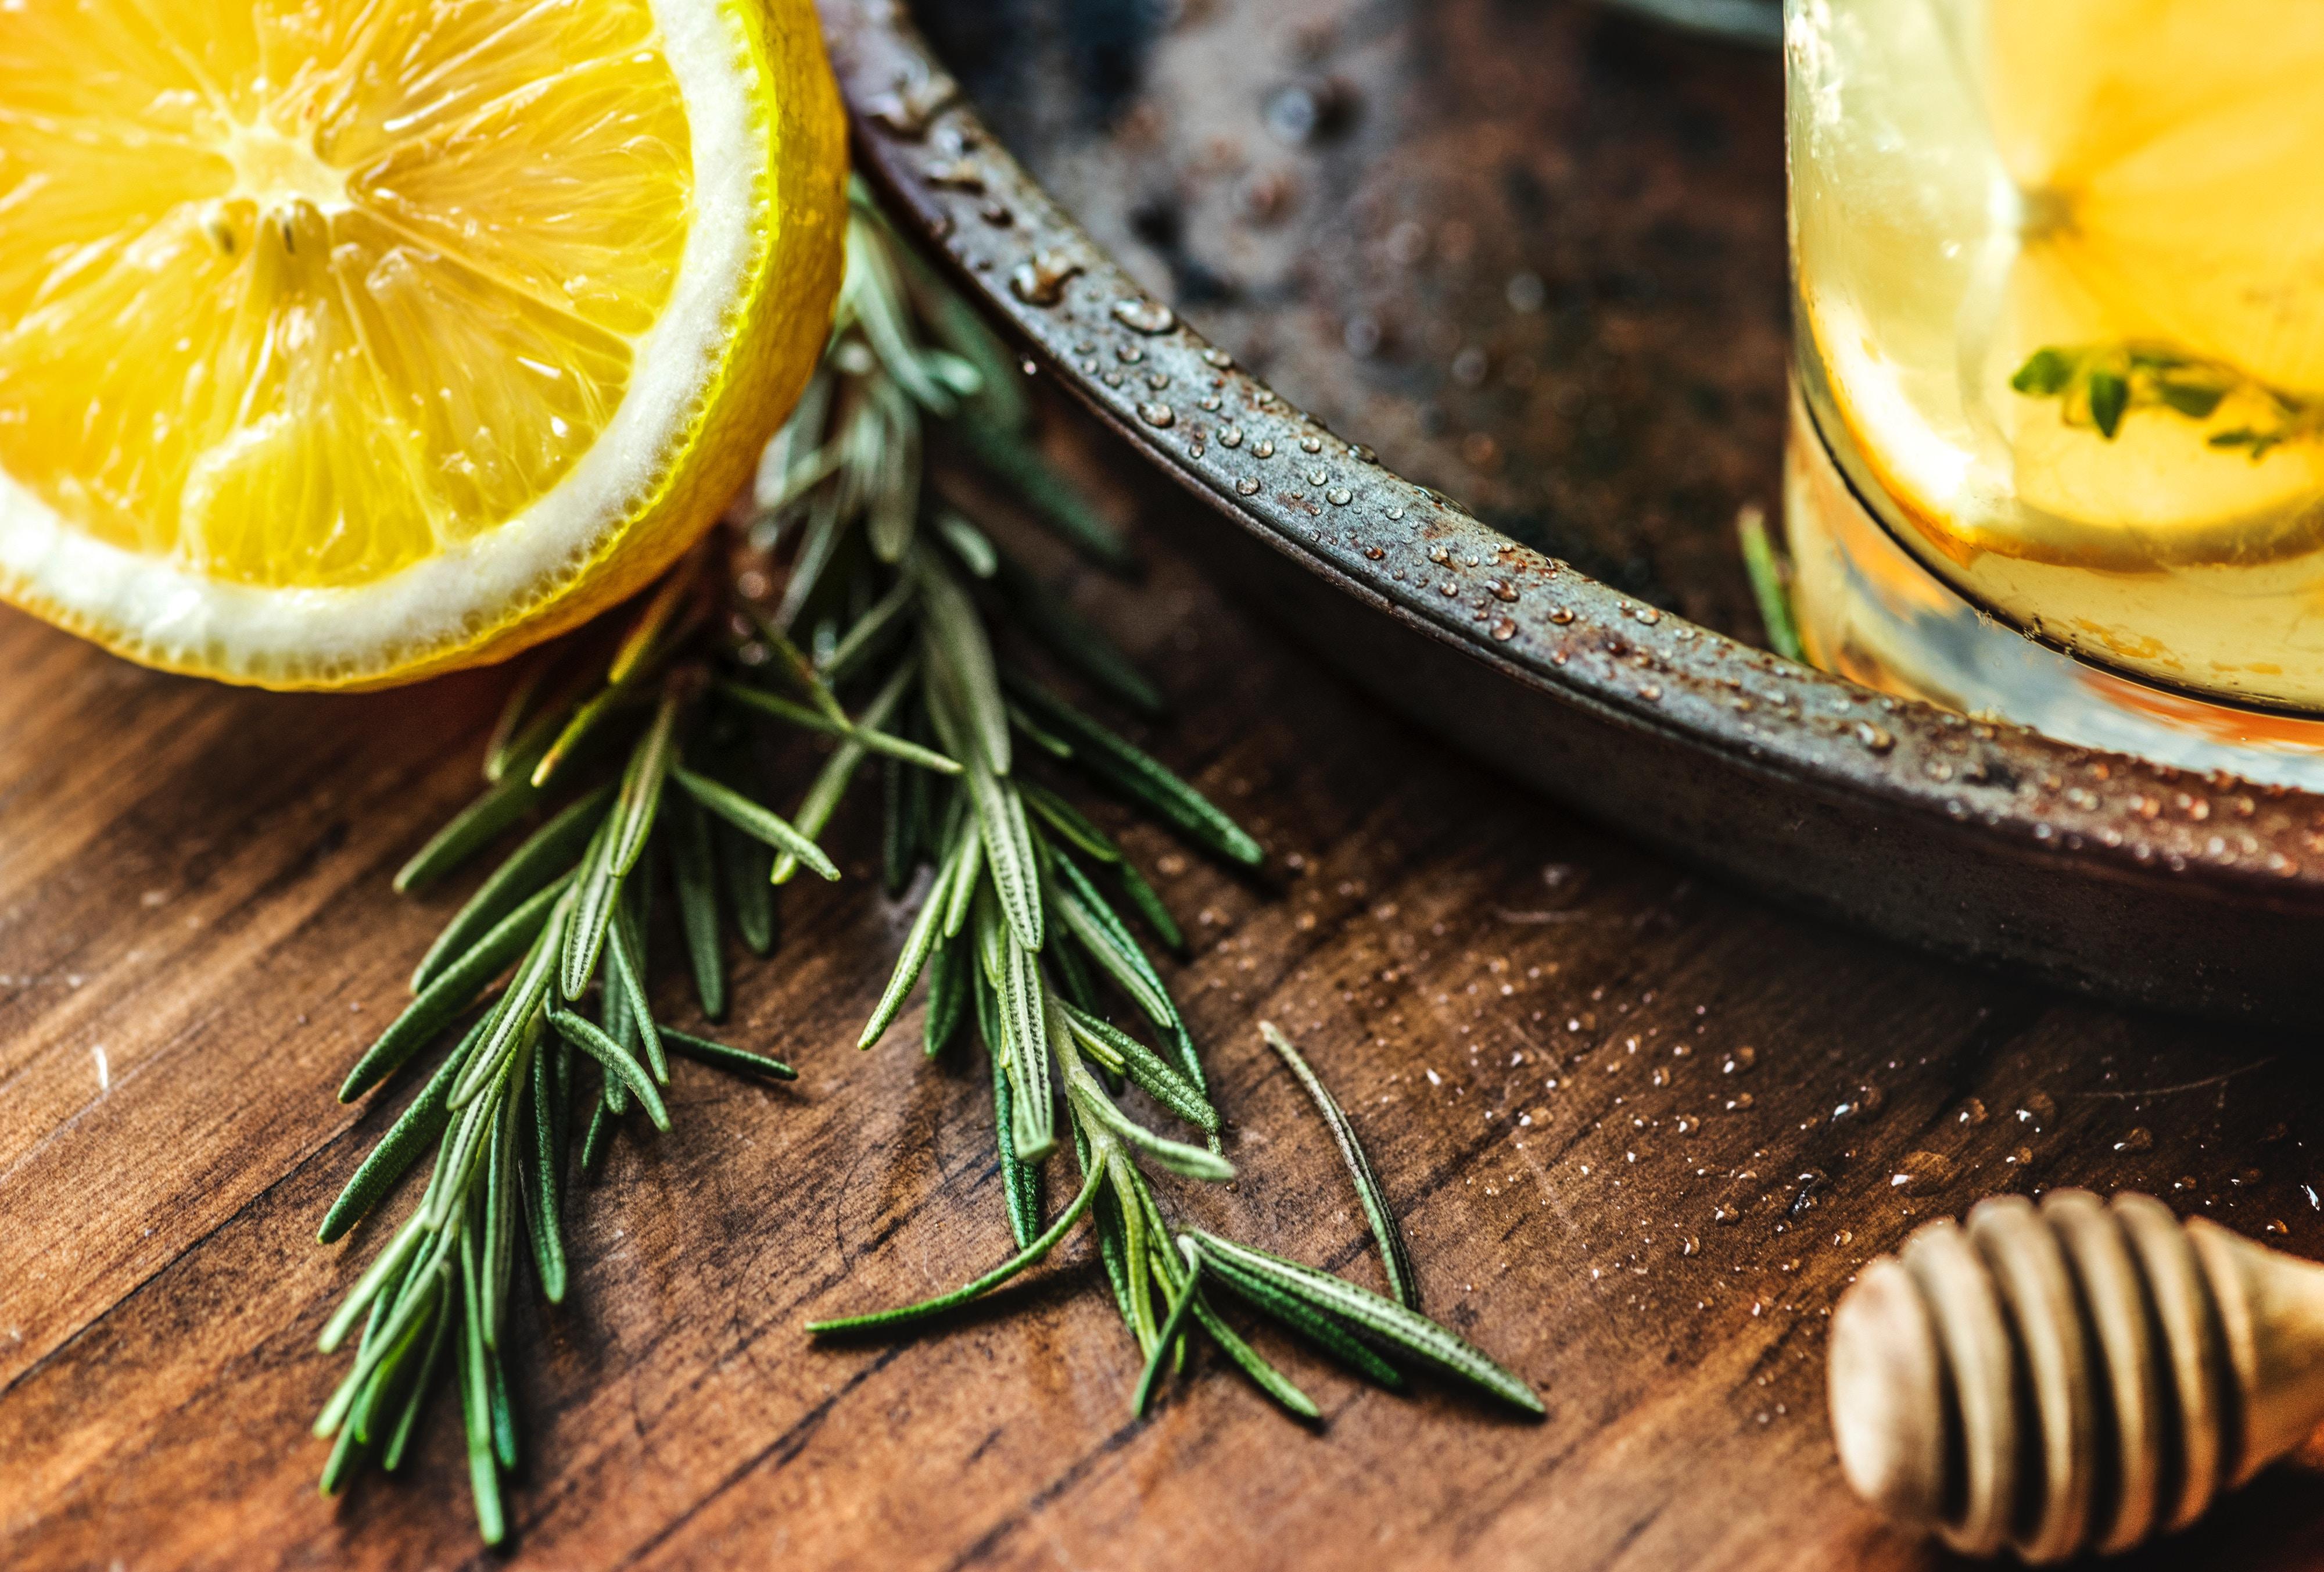 Nina Hrkalovic erklärt dir, wie du Entspannung durch ätherische Öle gewinnst. Besuche mich auf www.ompure.de und erhalte Tipps, wie du mehr Gelassenheit in dein Leben bringst.